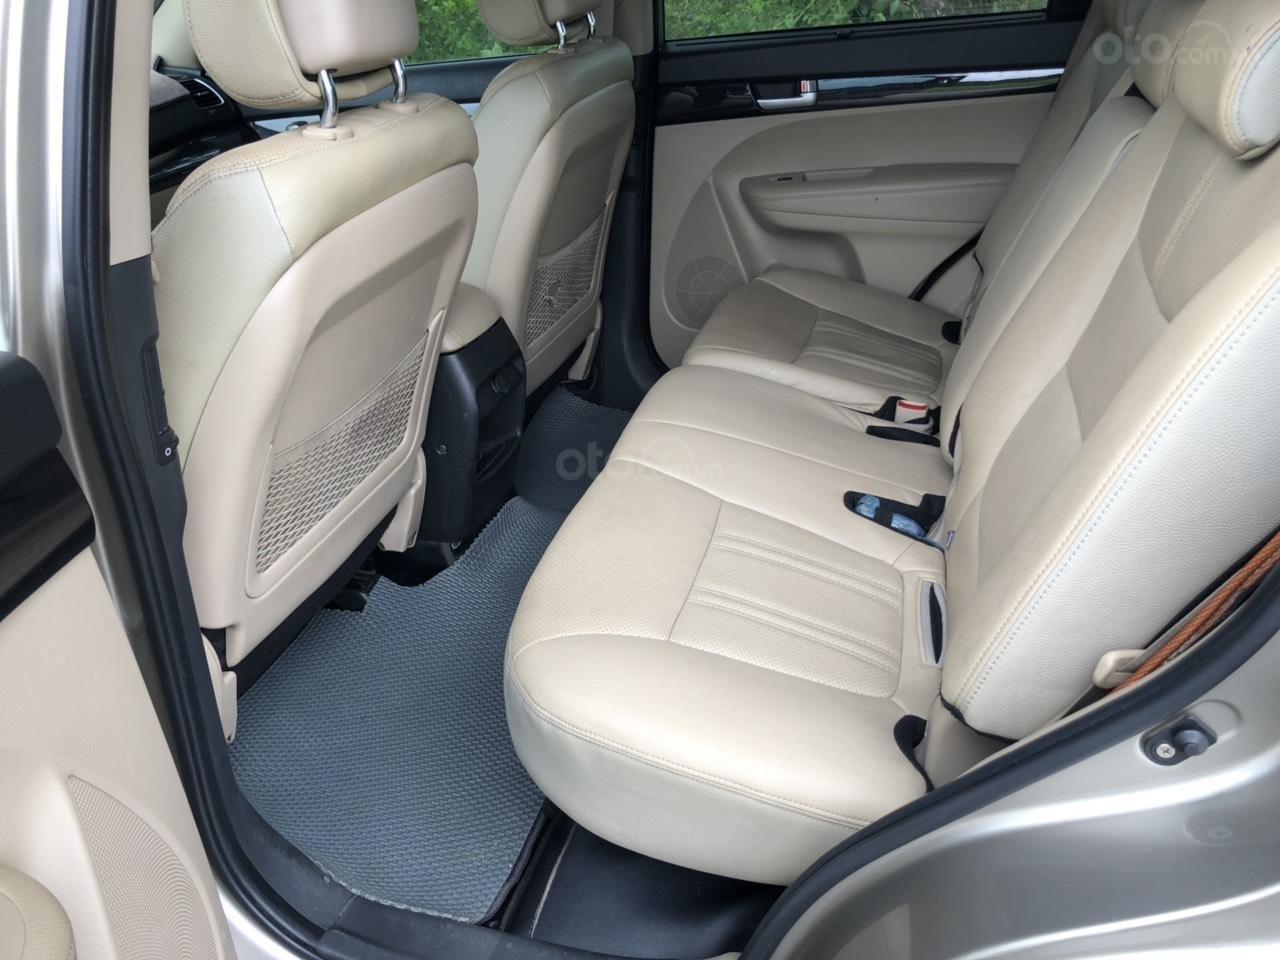 Bán Kia New Sorento DATH 2.2AT máy dầu, sản xuất 2016 đời 2017 xe đẹp (2)